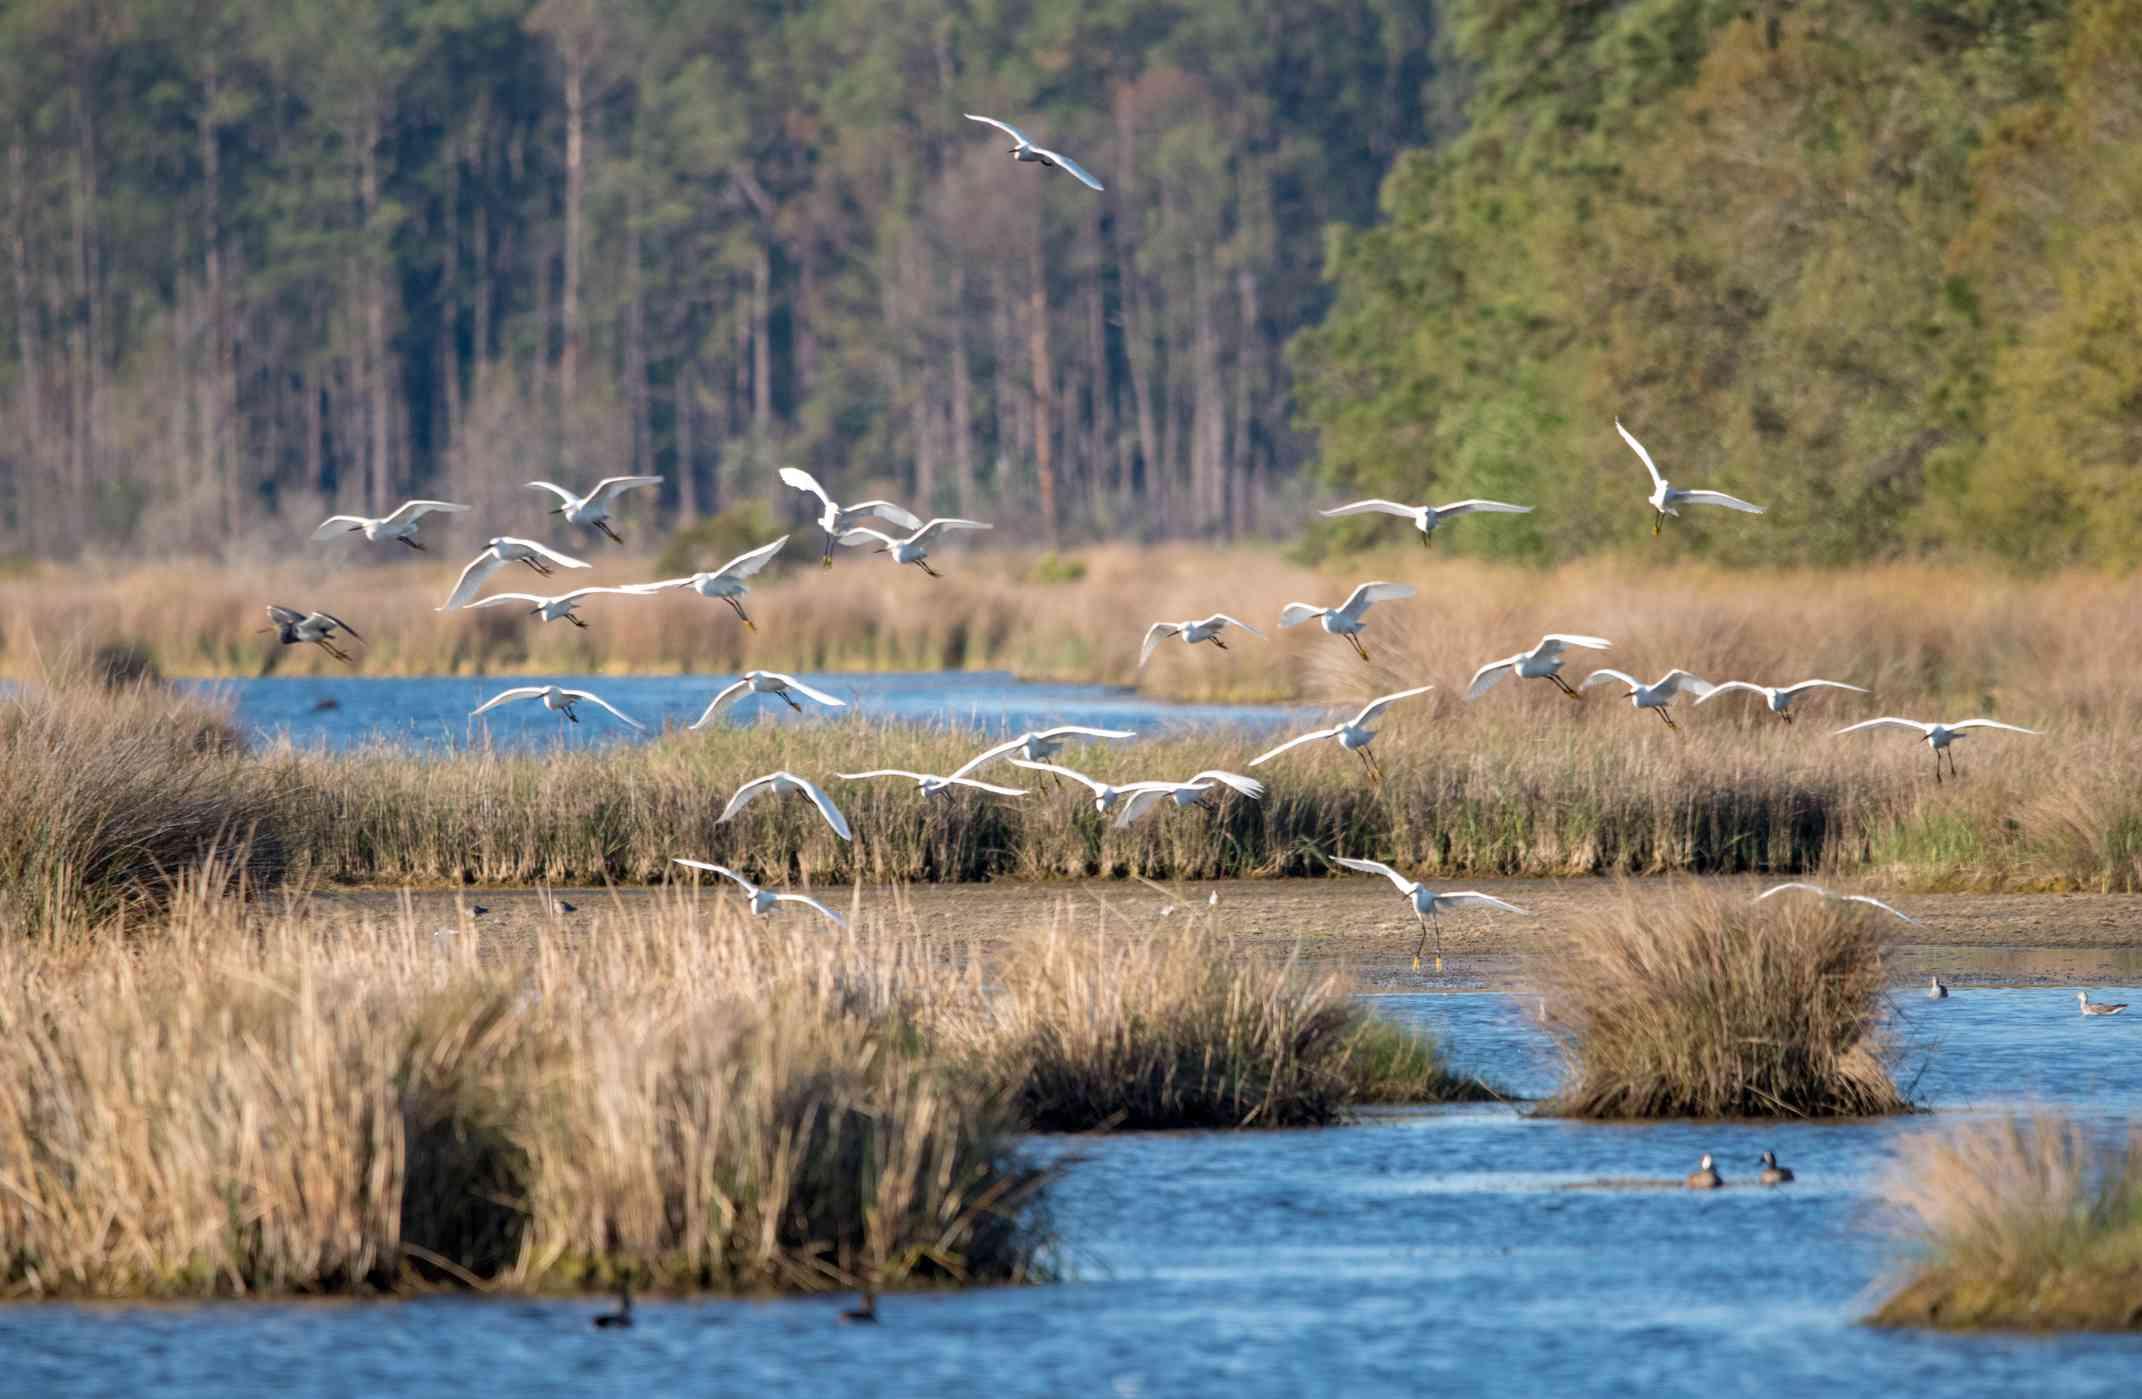 White birds flying over a marsh.